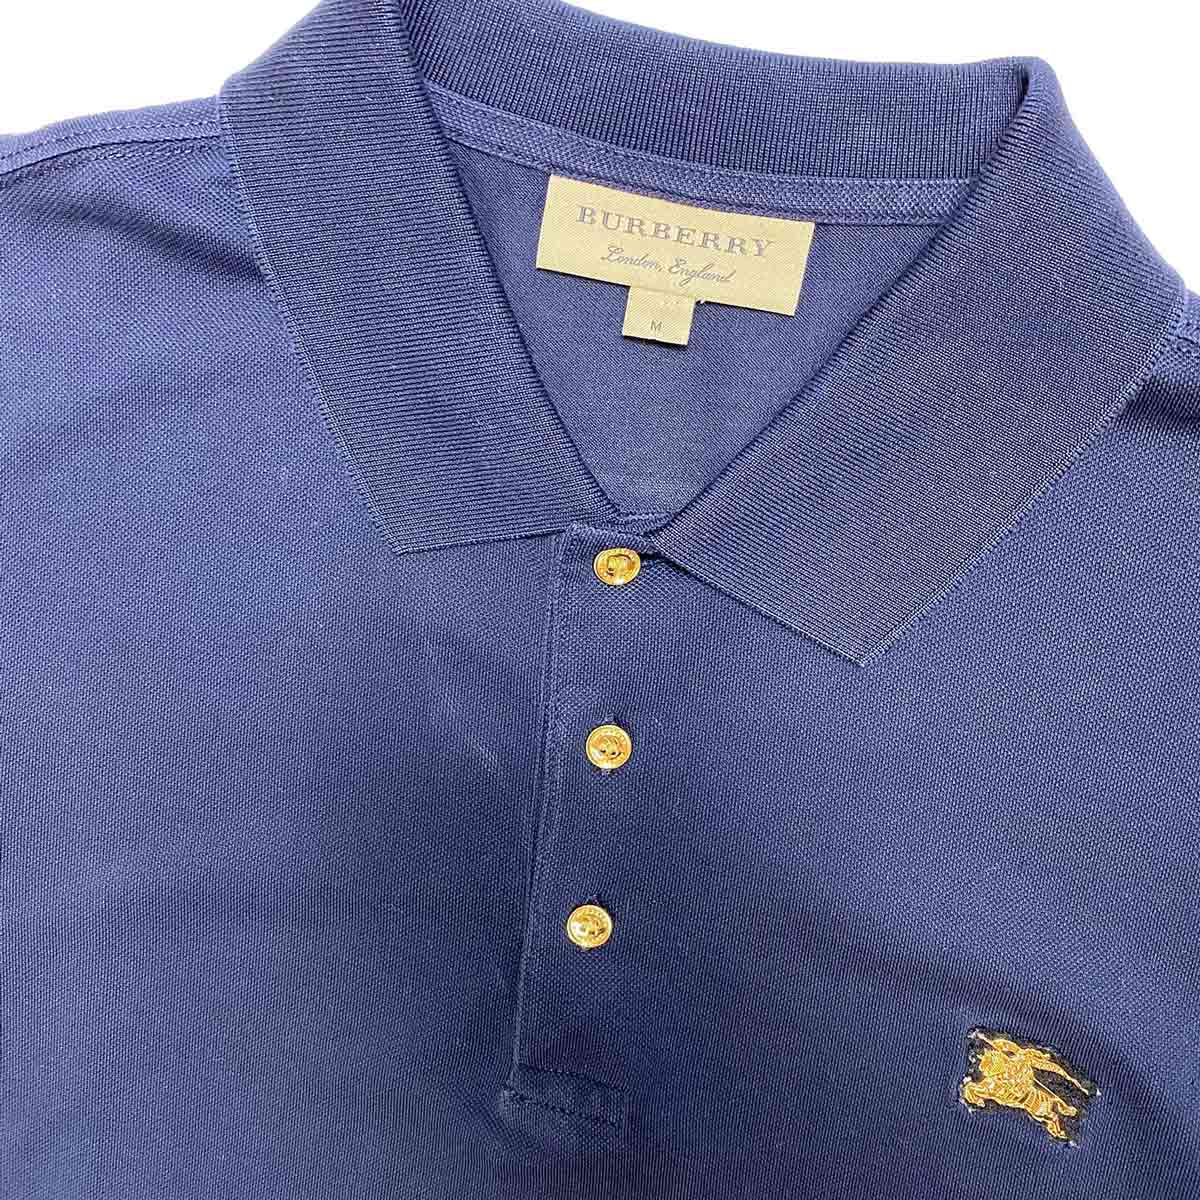 Camisa Polo Burberry Marinho